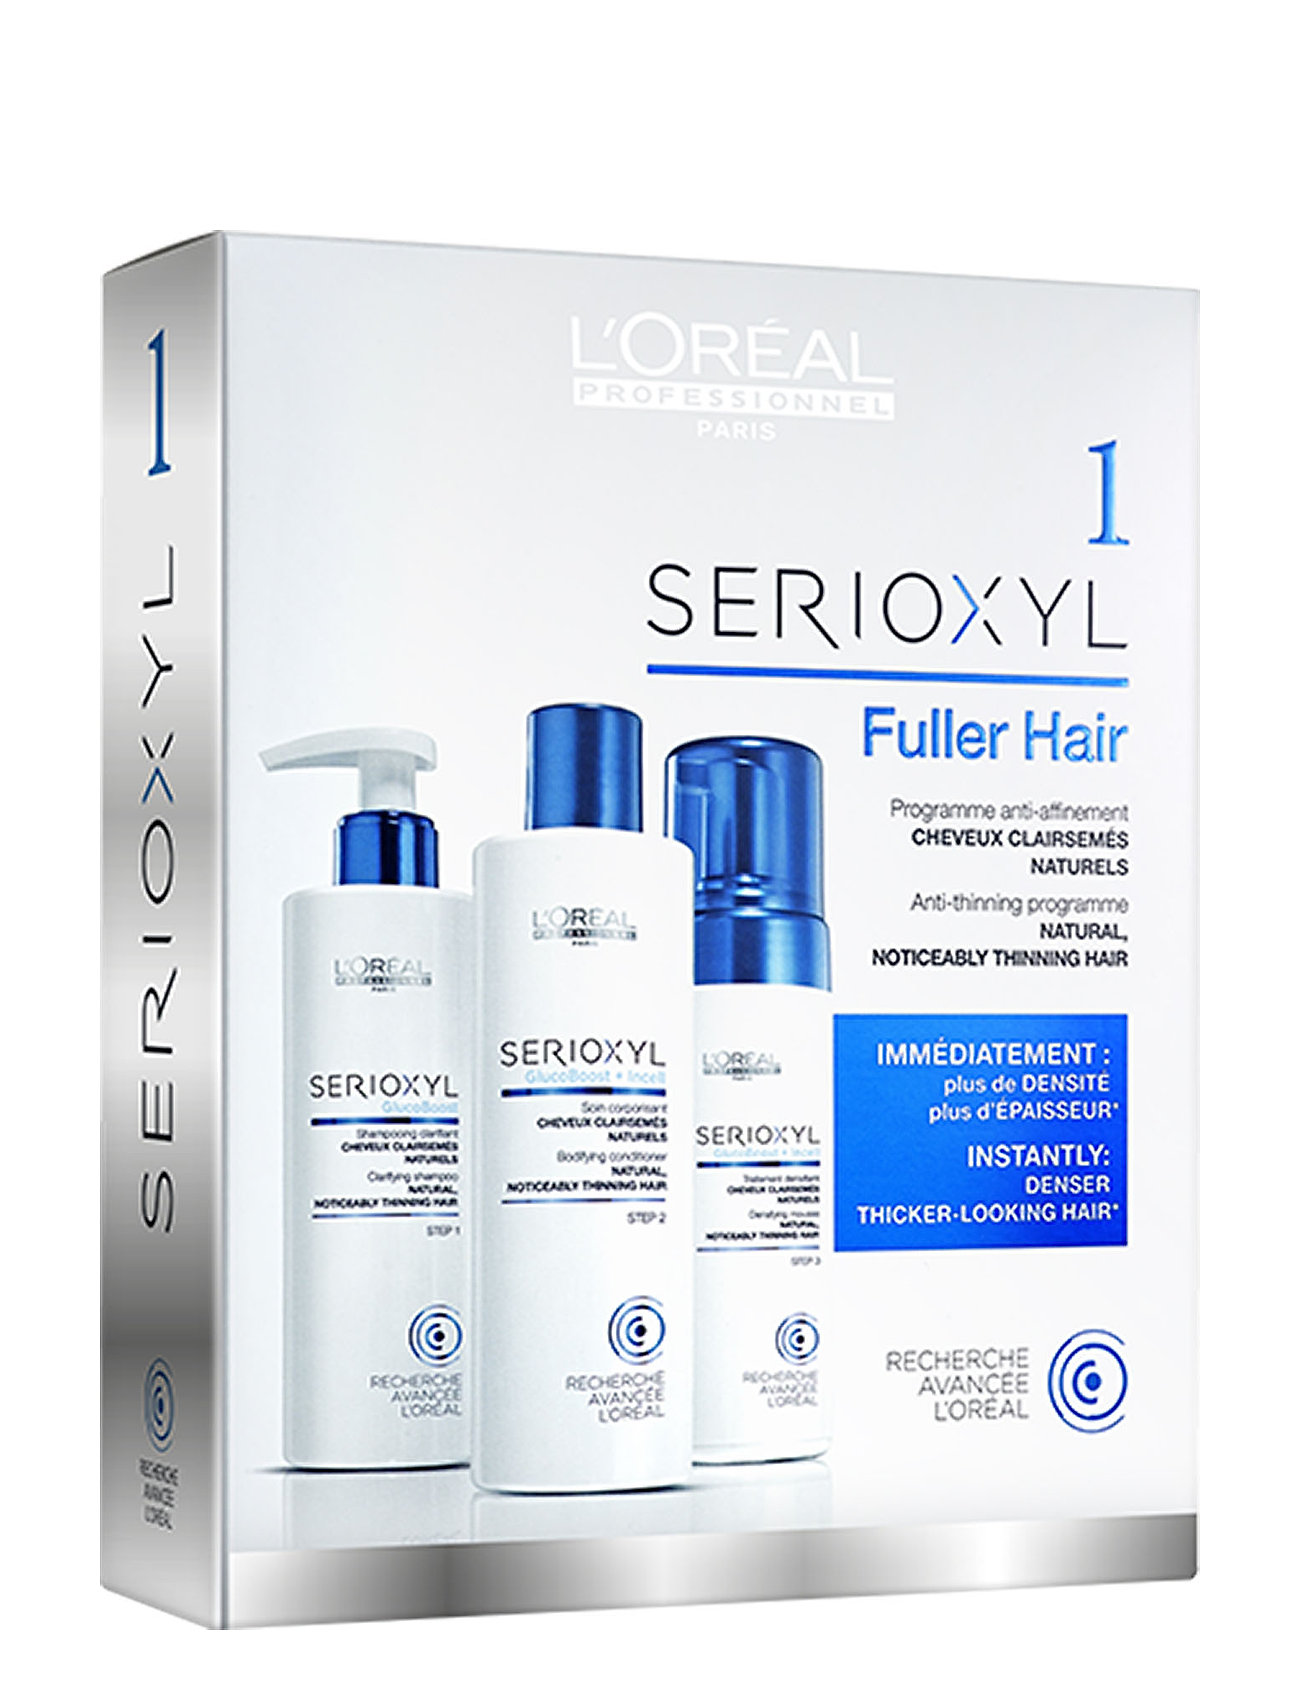 L'OréAl Professionnel Serioxyl Kit 1 - L'Oréal Professionnel